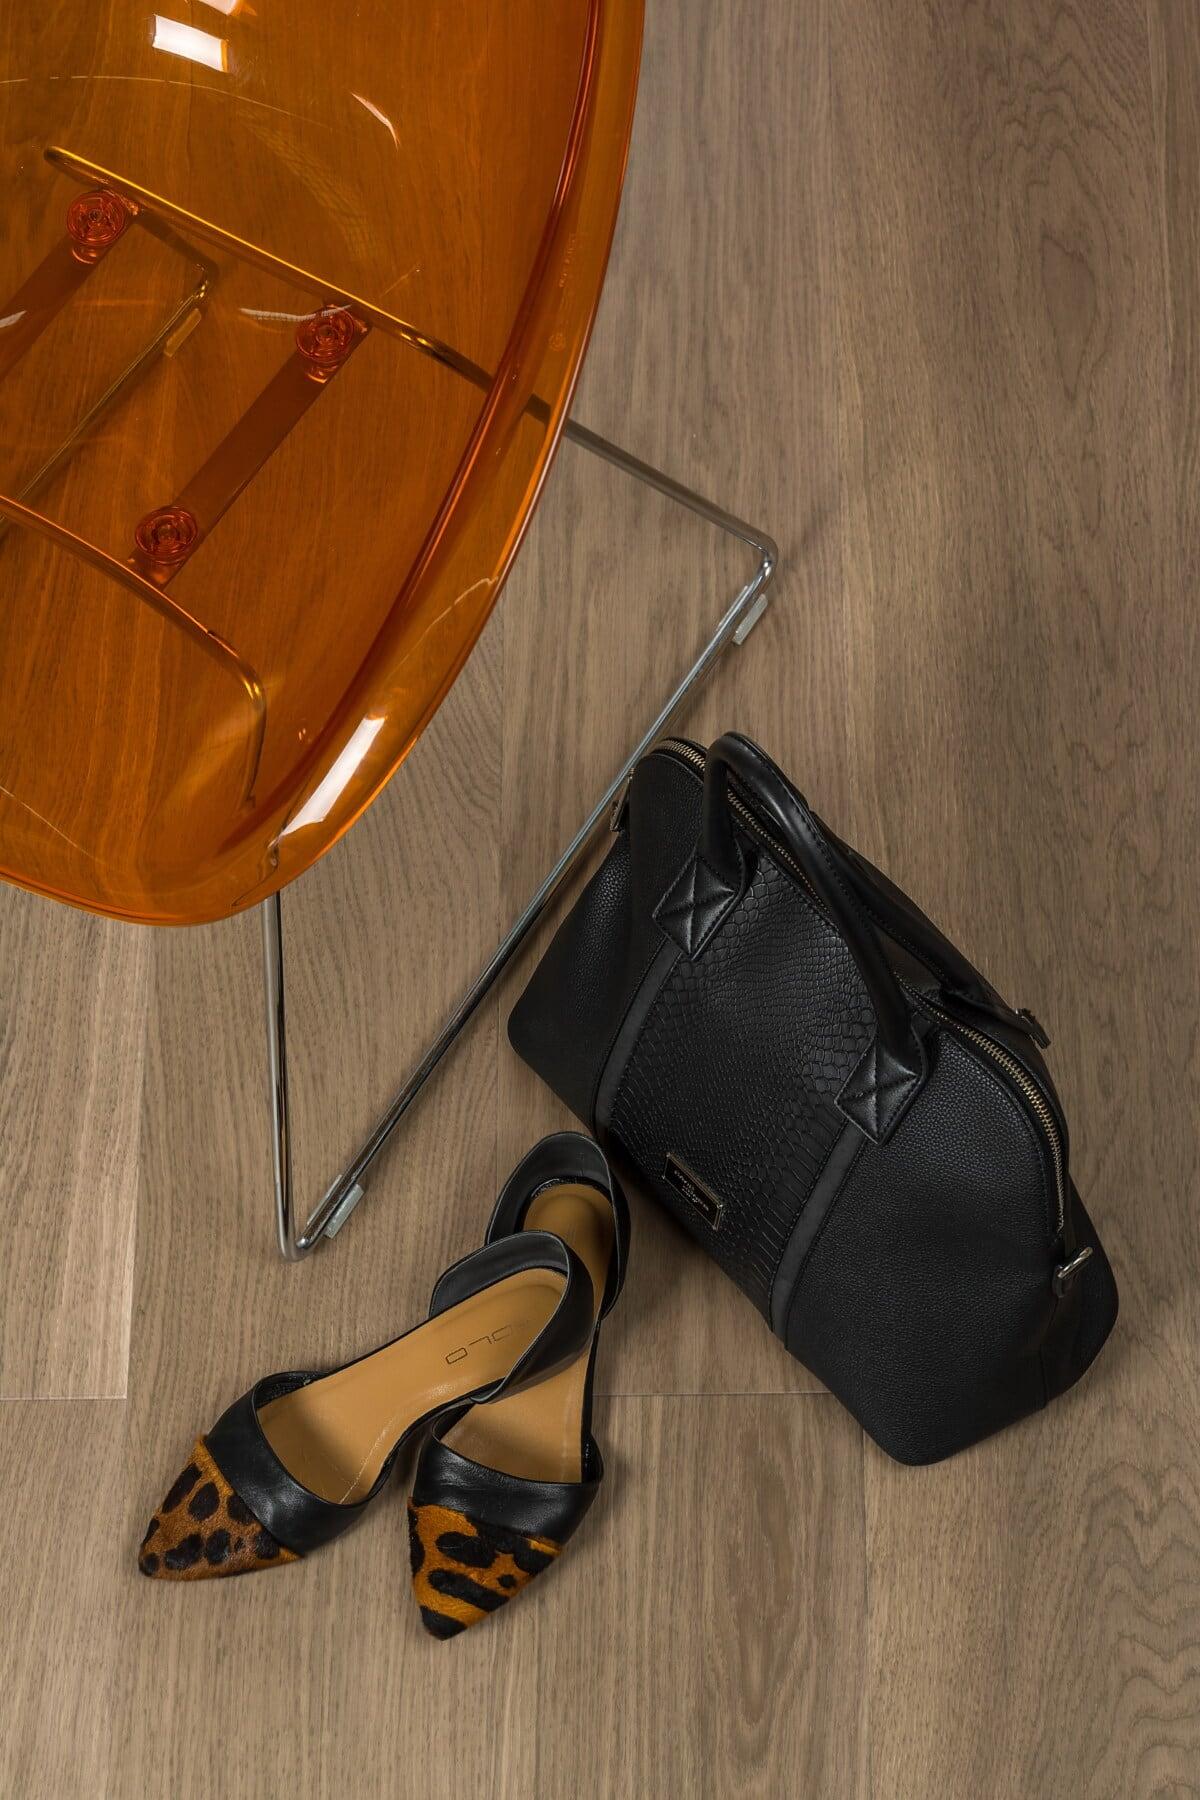 musta, nahka, käsilaukku, kengät, oranssi keltainen, sandaalit, mukava, tuoli, puu, muoti